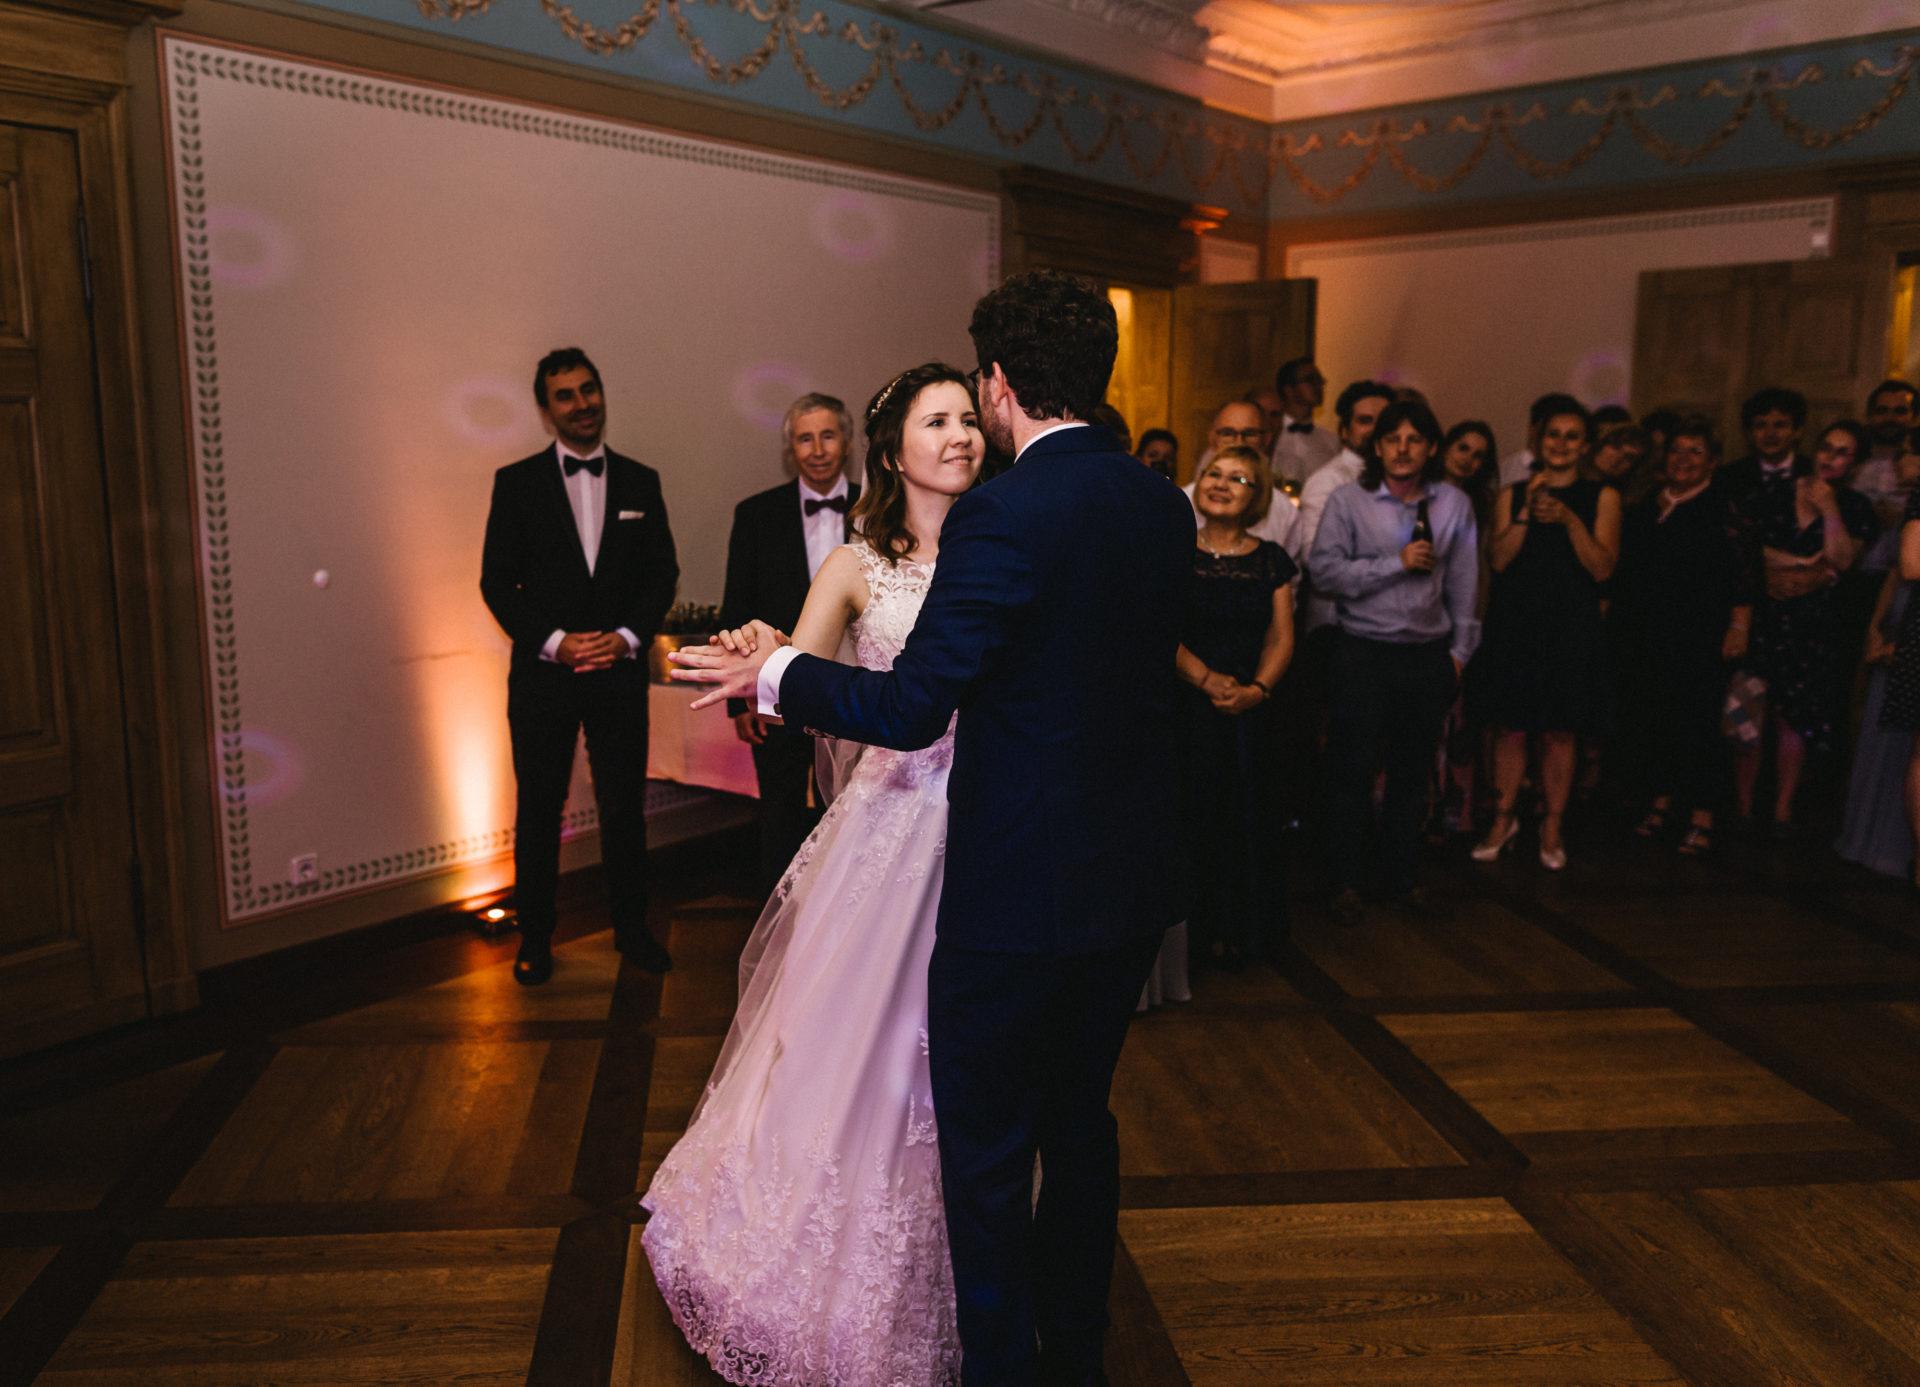 Hochzeitsreportage, Portfolio | Freie Trauung im Herrenhaus Möckern in Leipzig | 52